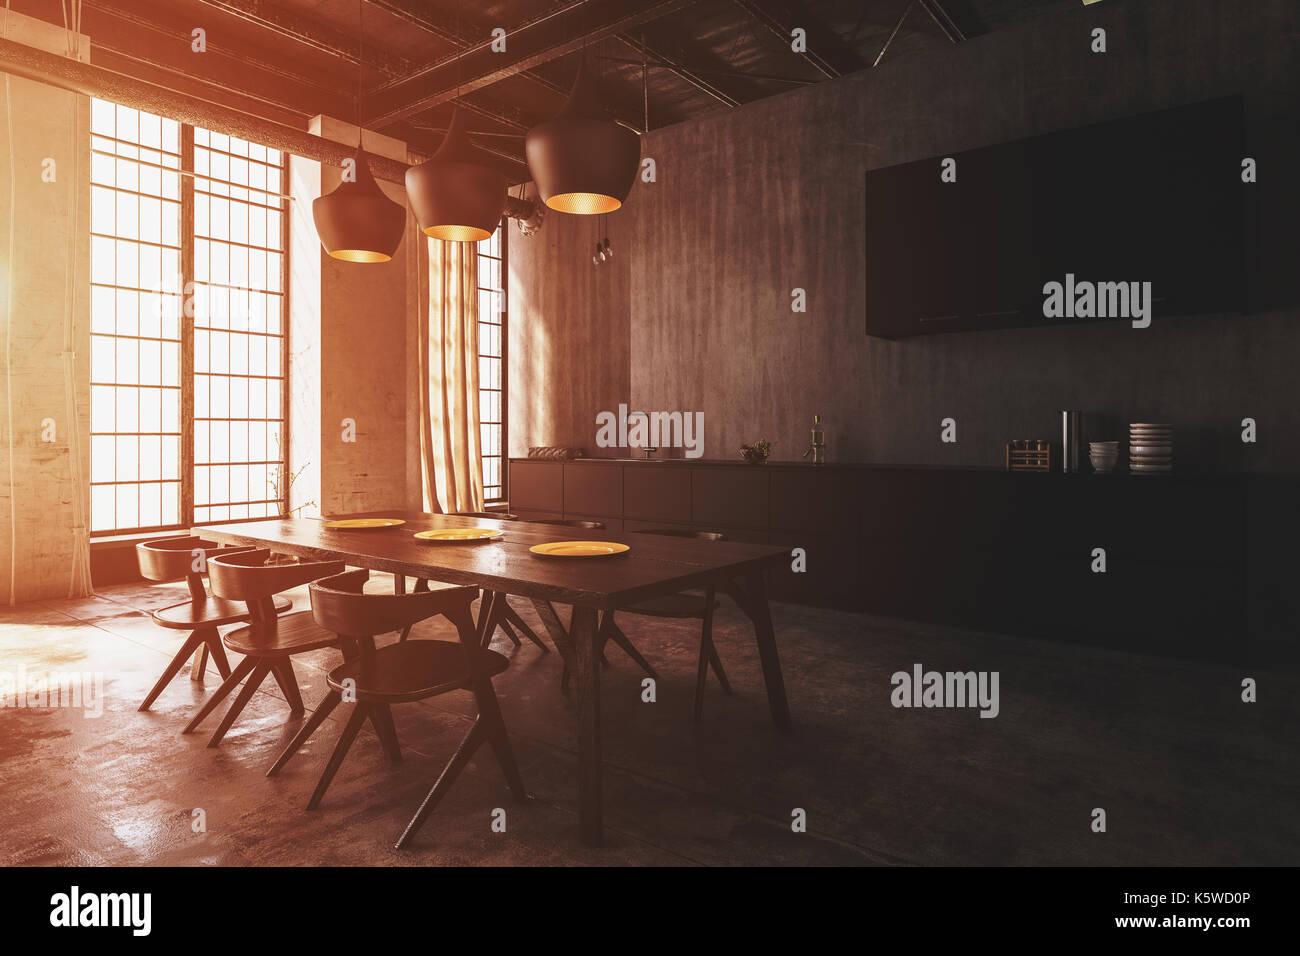 Sala da pranzo moderna interno con luci a soffitto illuminazione